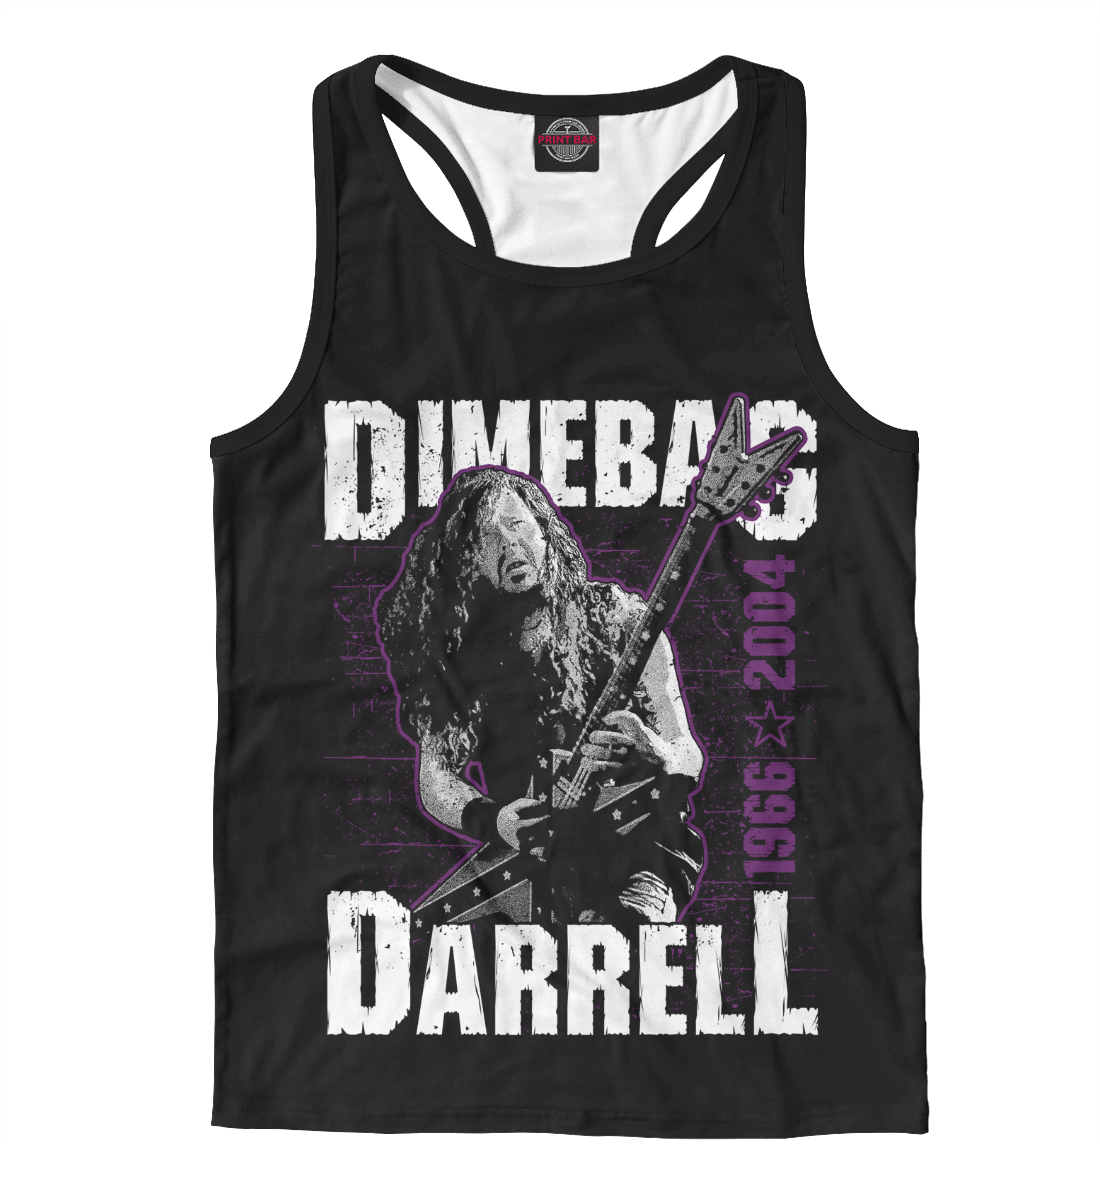 Купить Dimebag Darrell, Printbar, Майки борцовки, PNT-864535-mayb-2